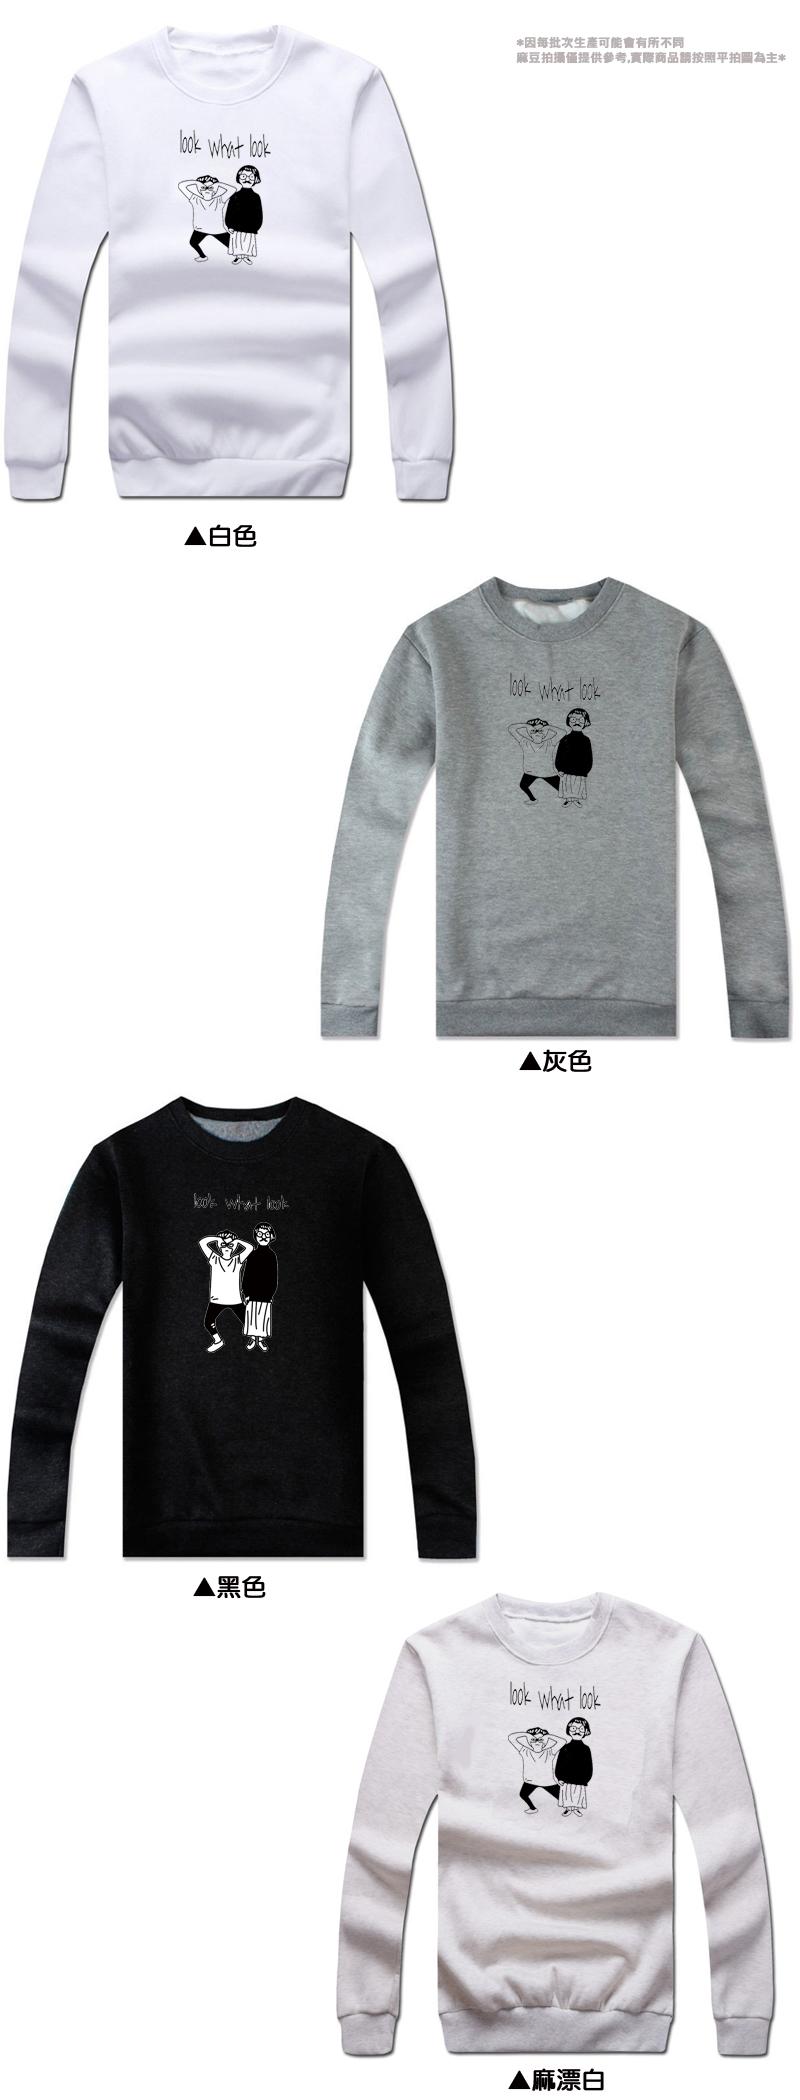 ◆快速出貨◆刷毛T恤 圓領刷毛 連帽刷毛 情侶T恤 暖暖刷毛 MIT台灣製.LOOK WHAT 兩個人【YCS357】艾咪E舖